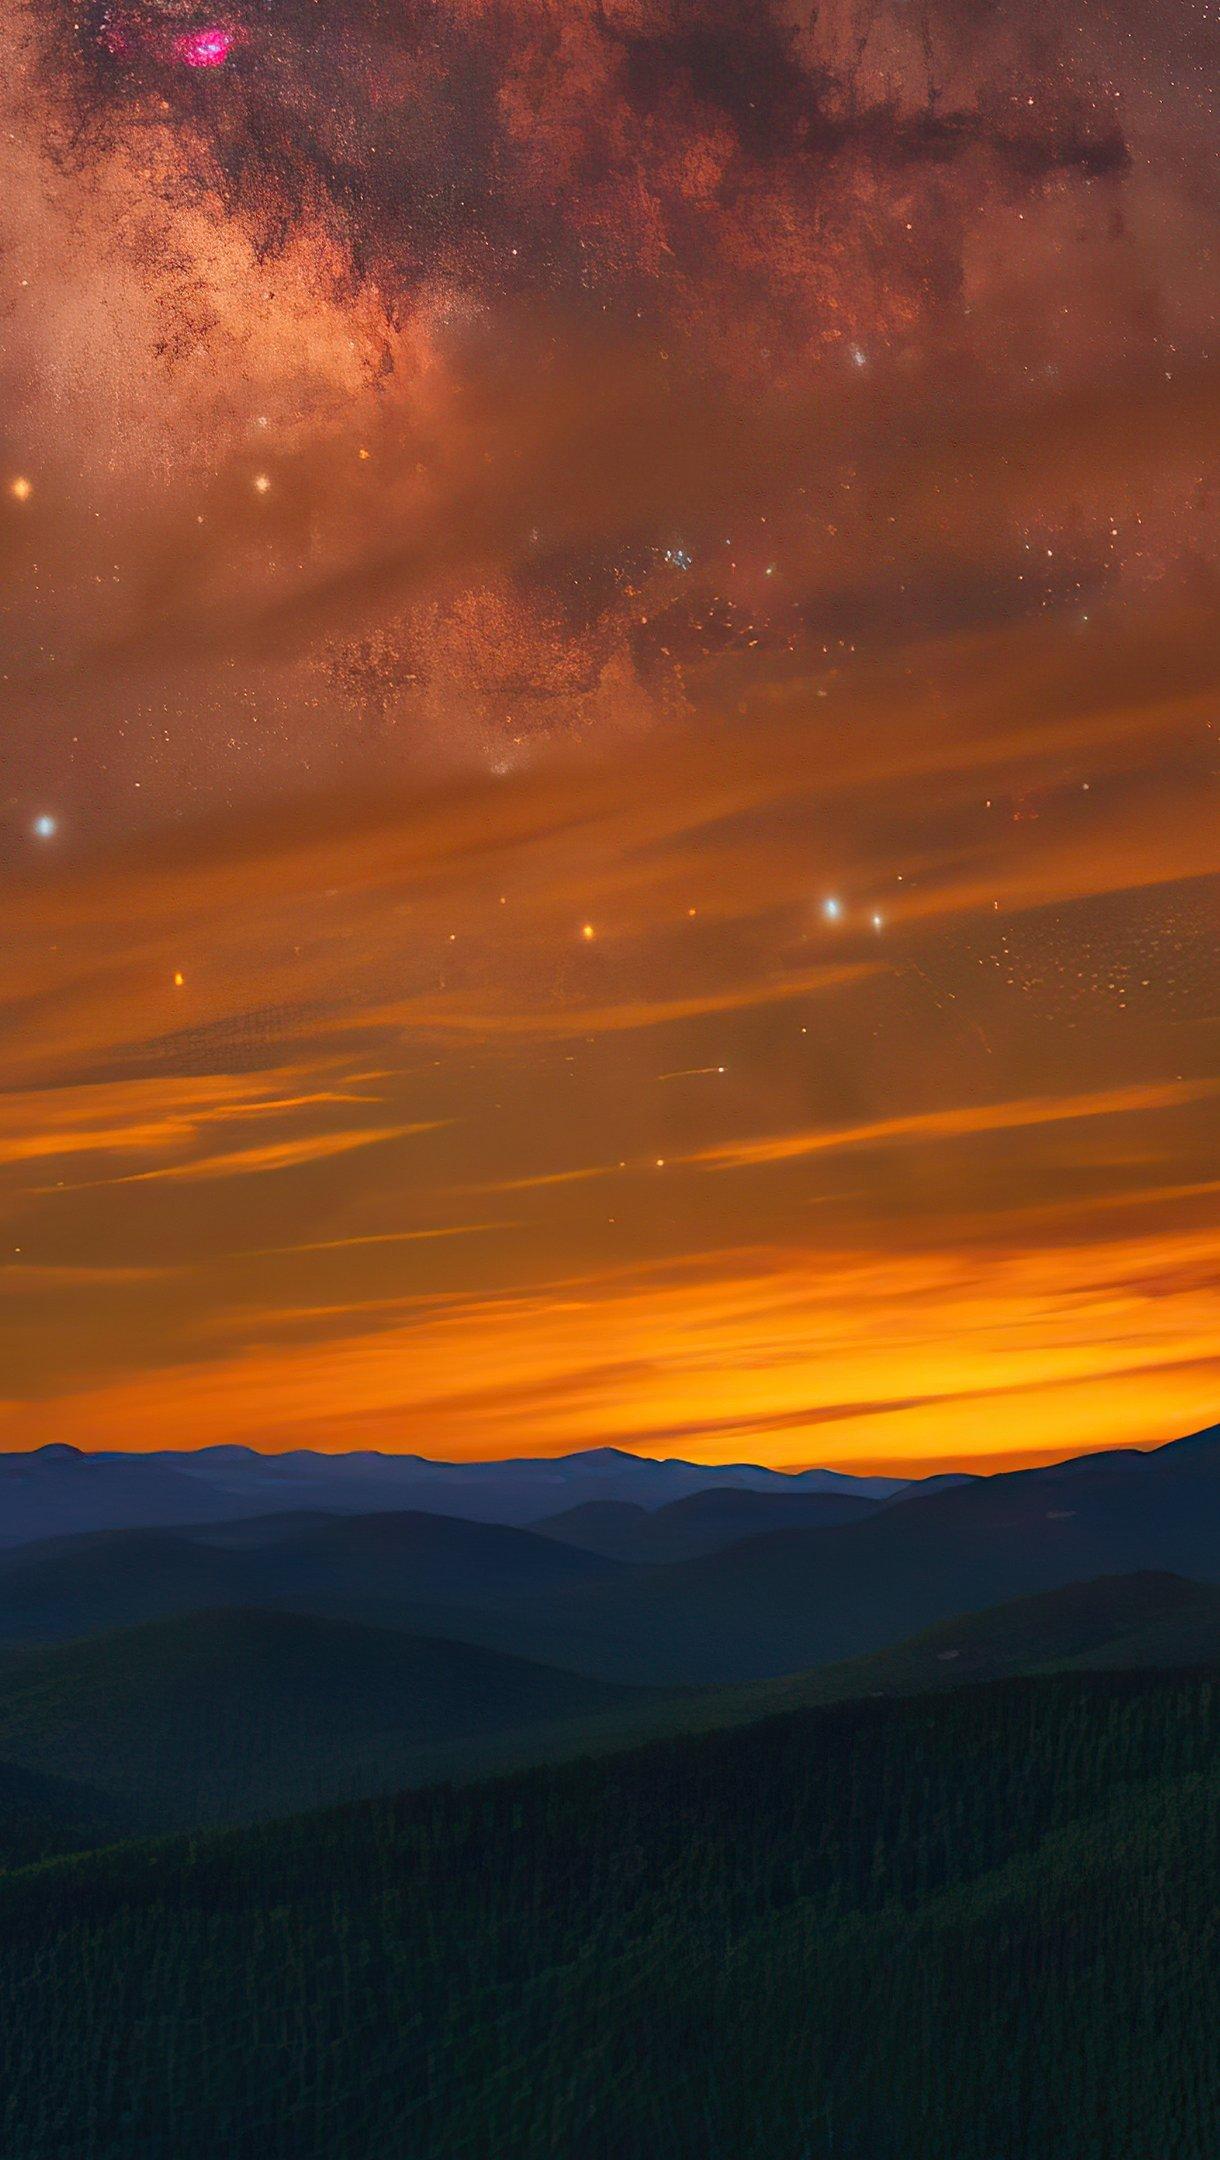 Fondos de pantalla Cielo lleno de estrellas Vertical